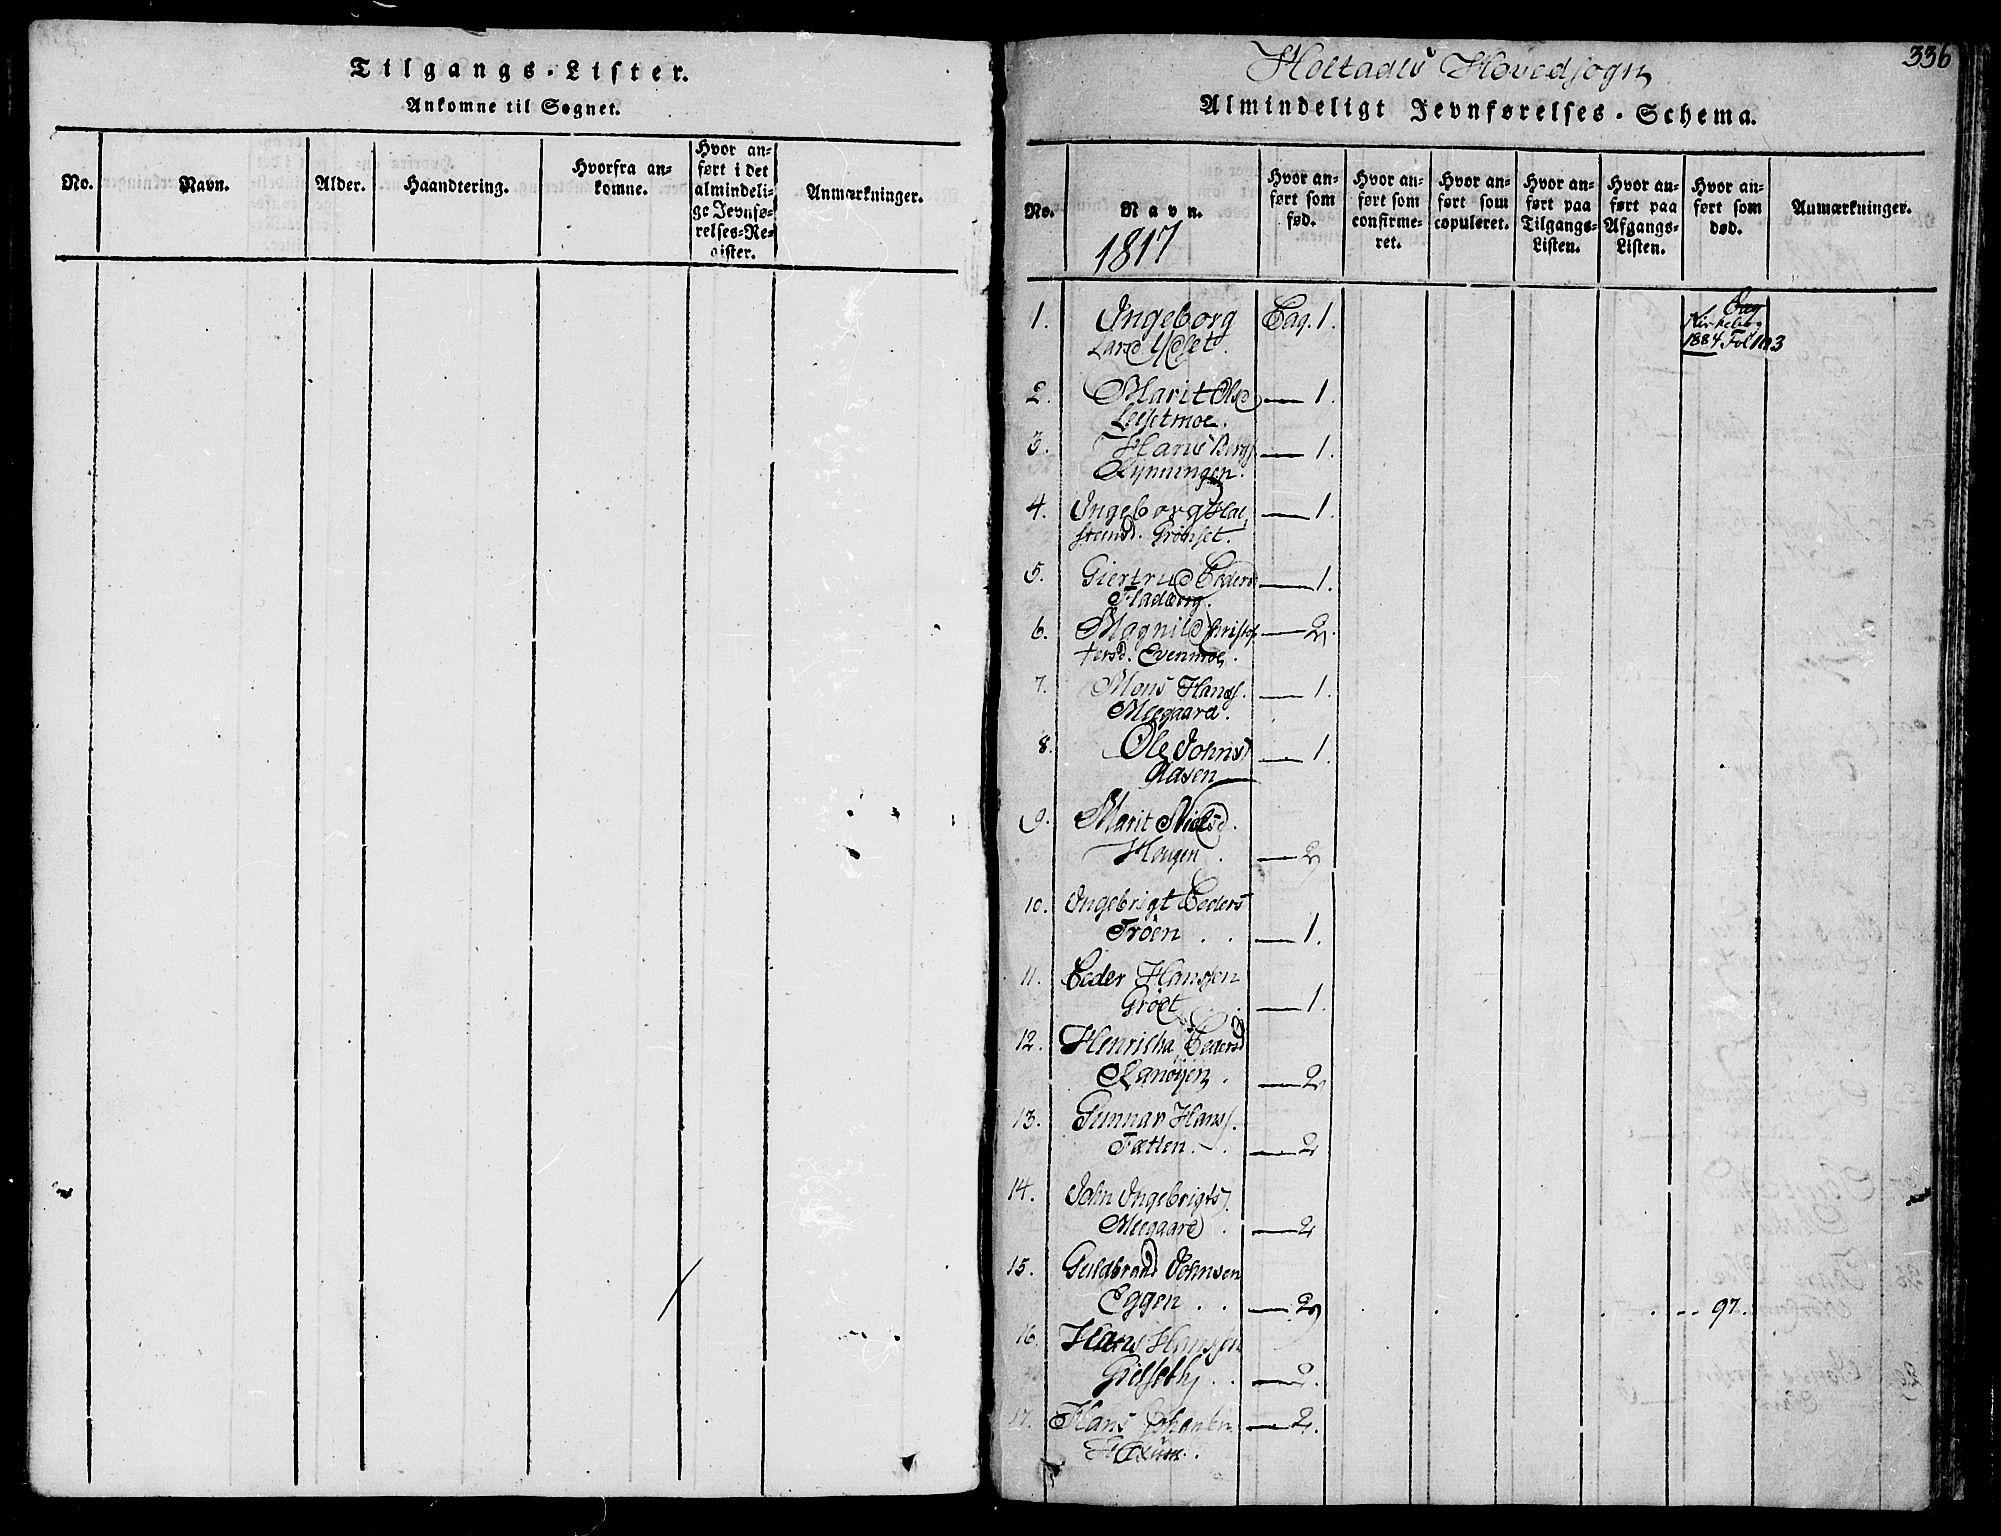 SAT, Ministerialprotokoller, klokkerbøker og fødselsregistre - Sør-Trøndelag, 685/L0954: Ministerialbok nr. 685A03 /1, 1817-1829, s. 336